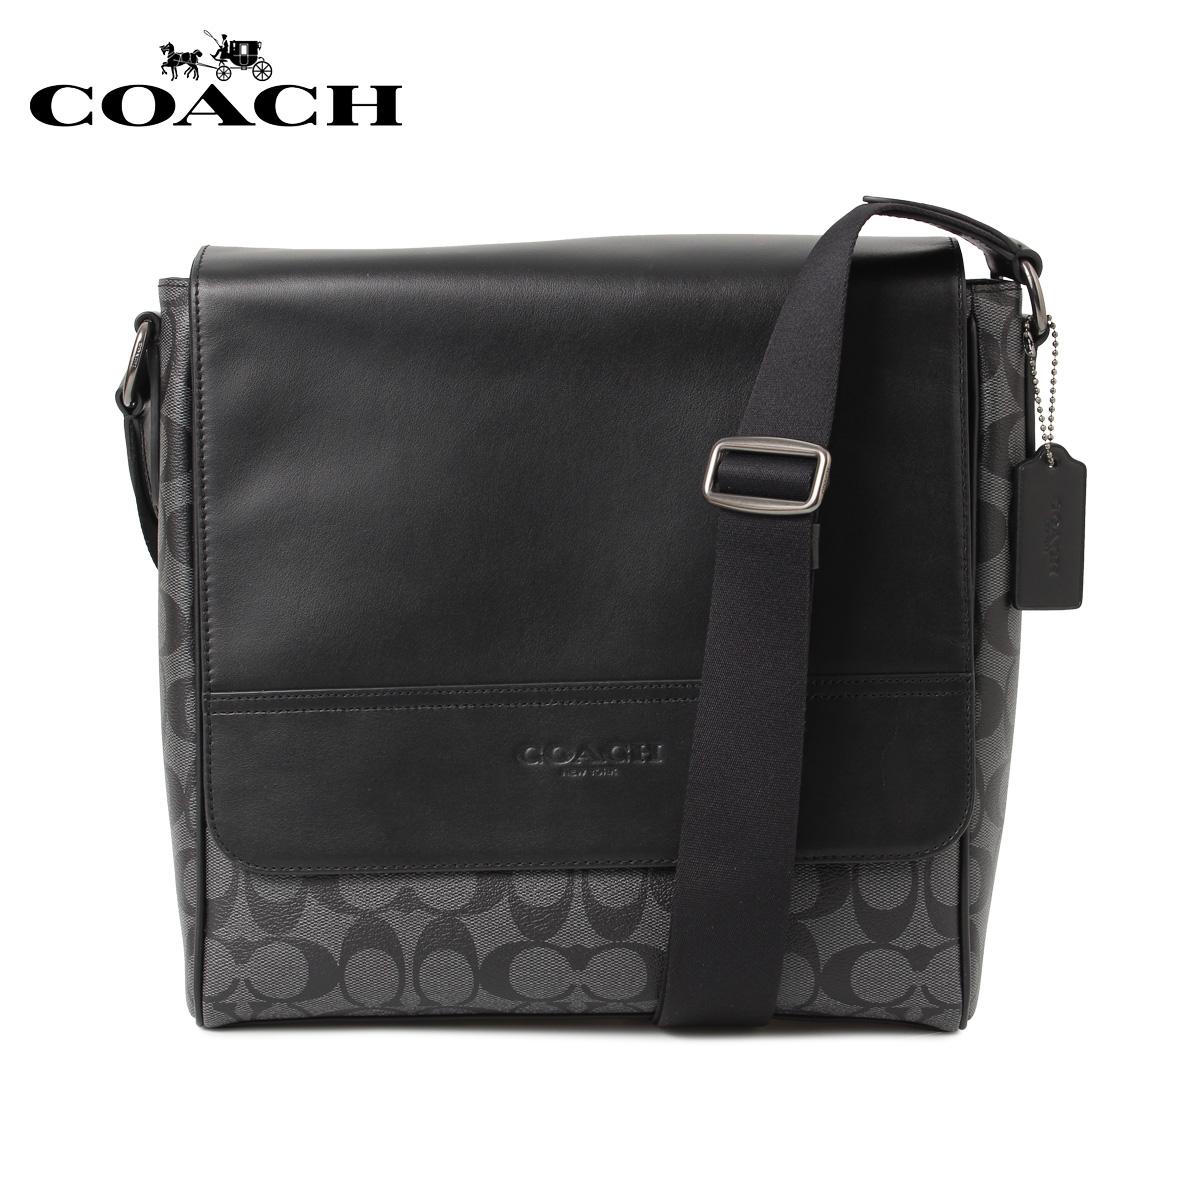 COACH F73339 コーチ バッグ ショルダーバッグ メンズ シグネチャー ブラック 黒